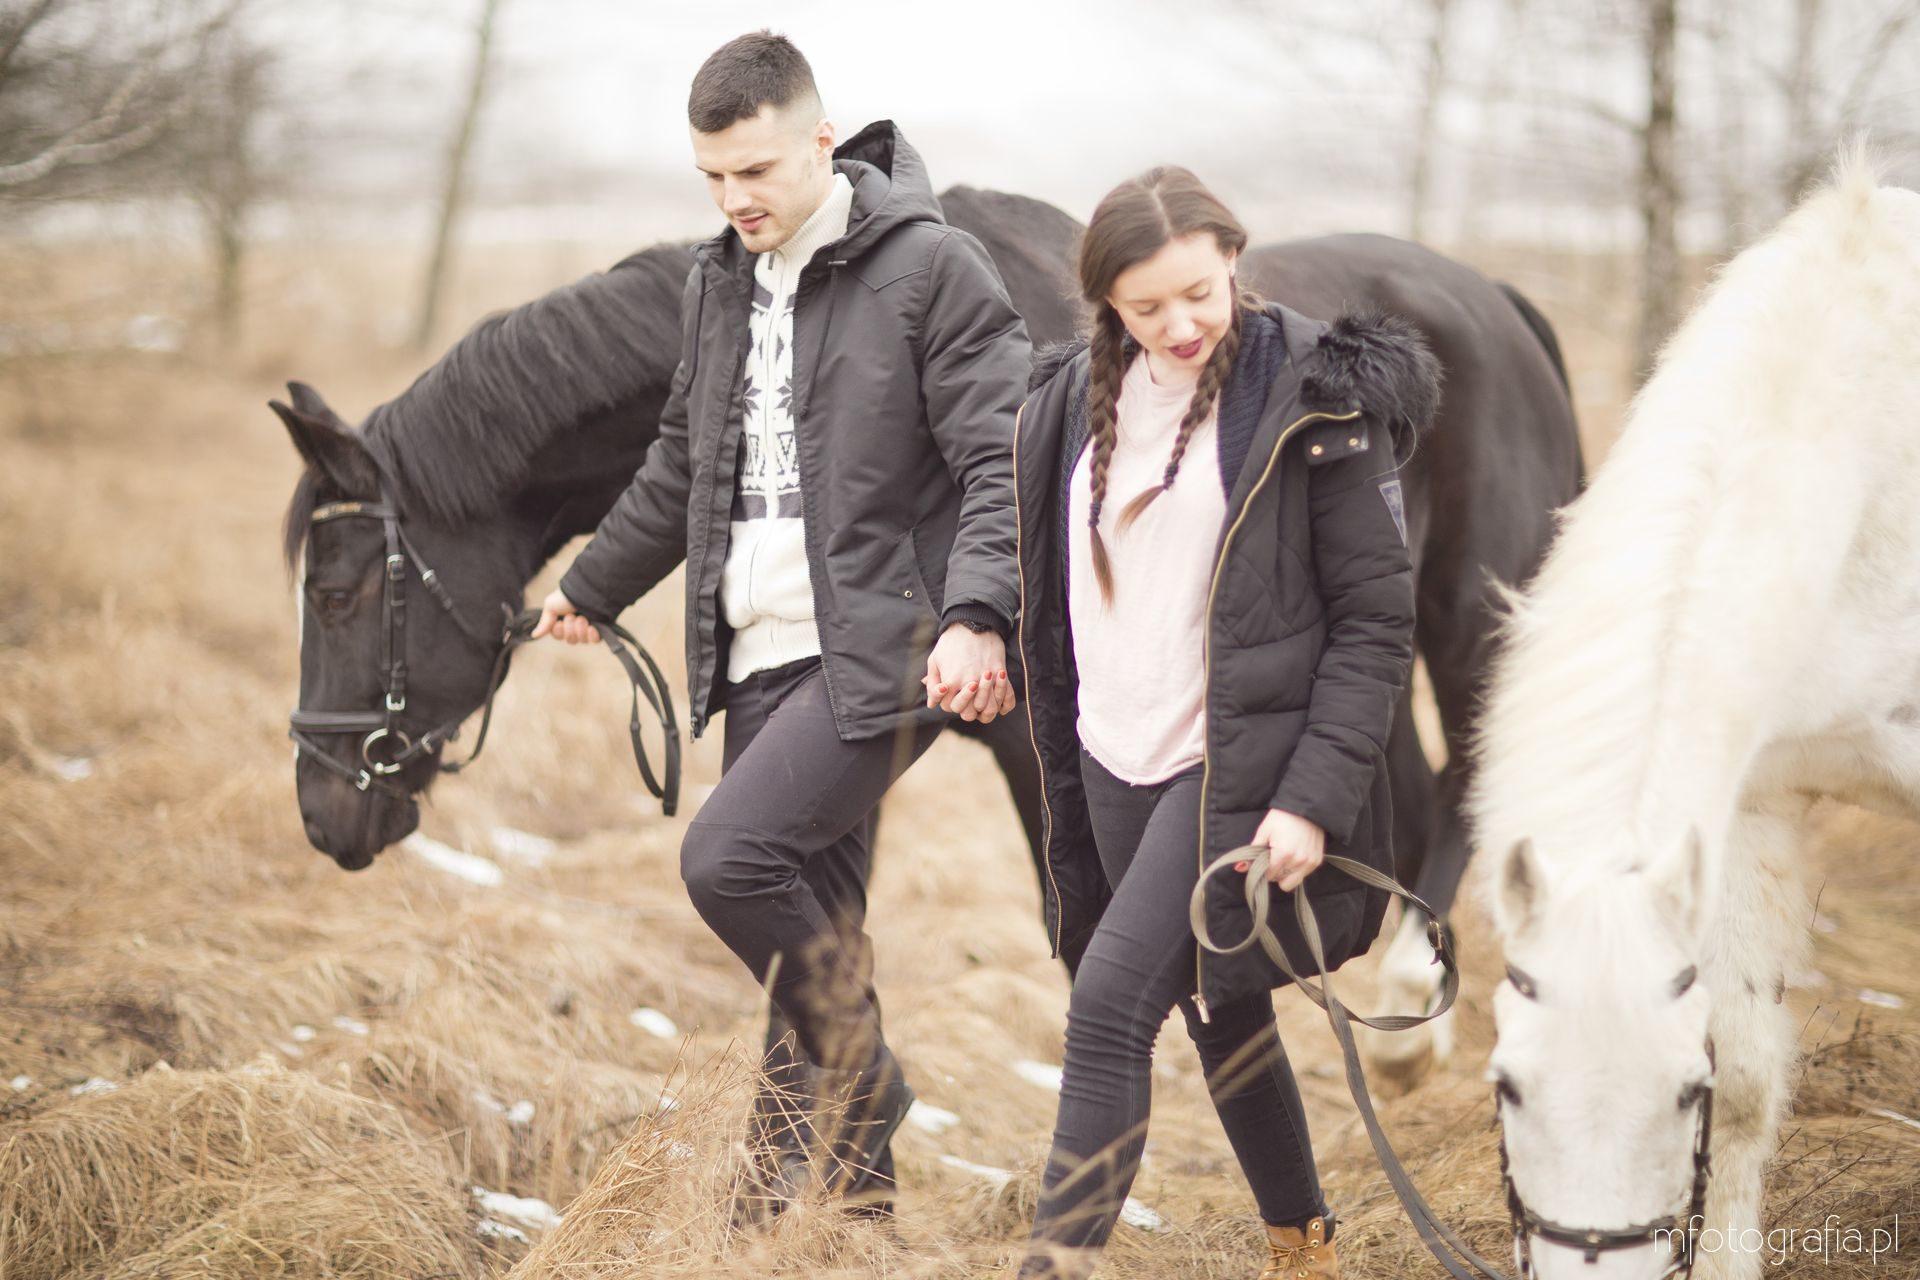 zdjęcia par na sesji fotograficznej z końmi